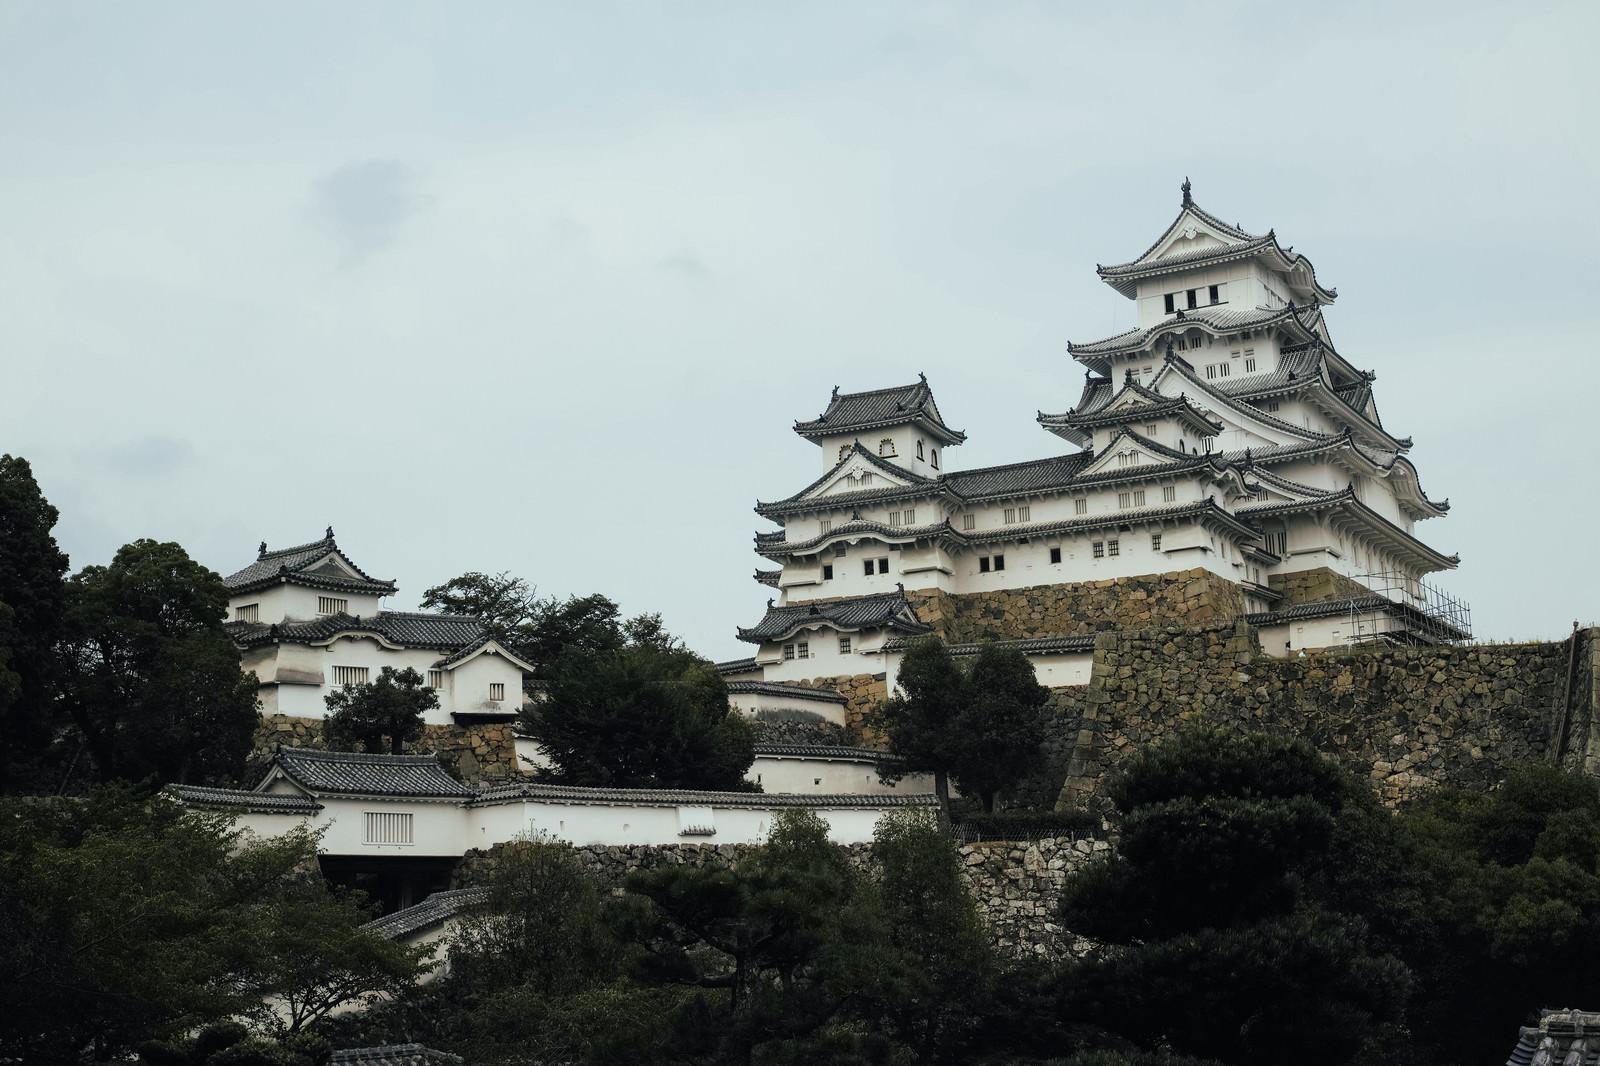 「日本の城跡(姫路城)」の写真